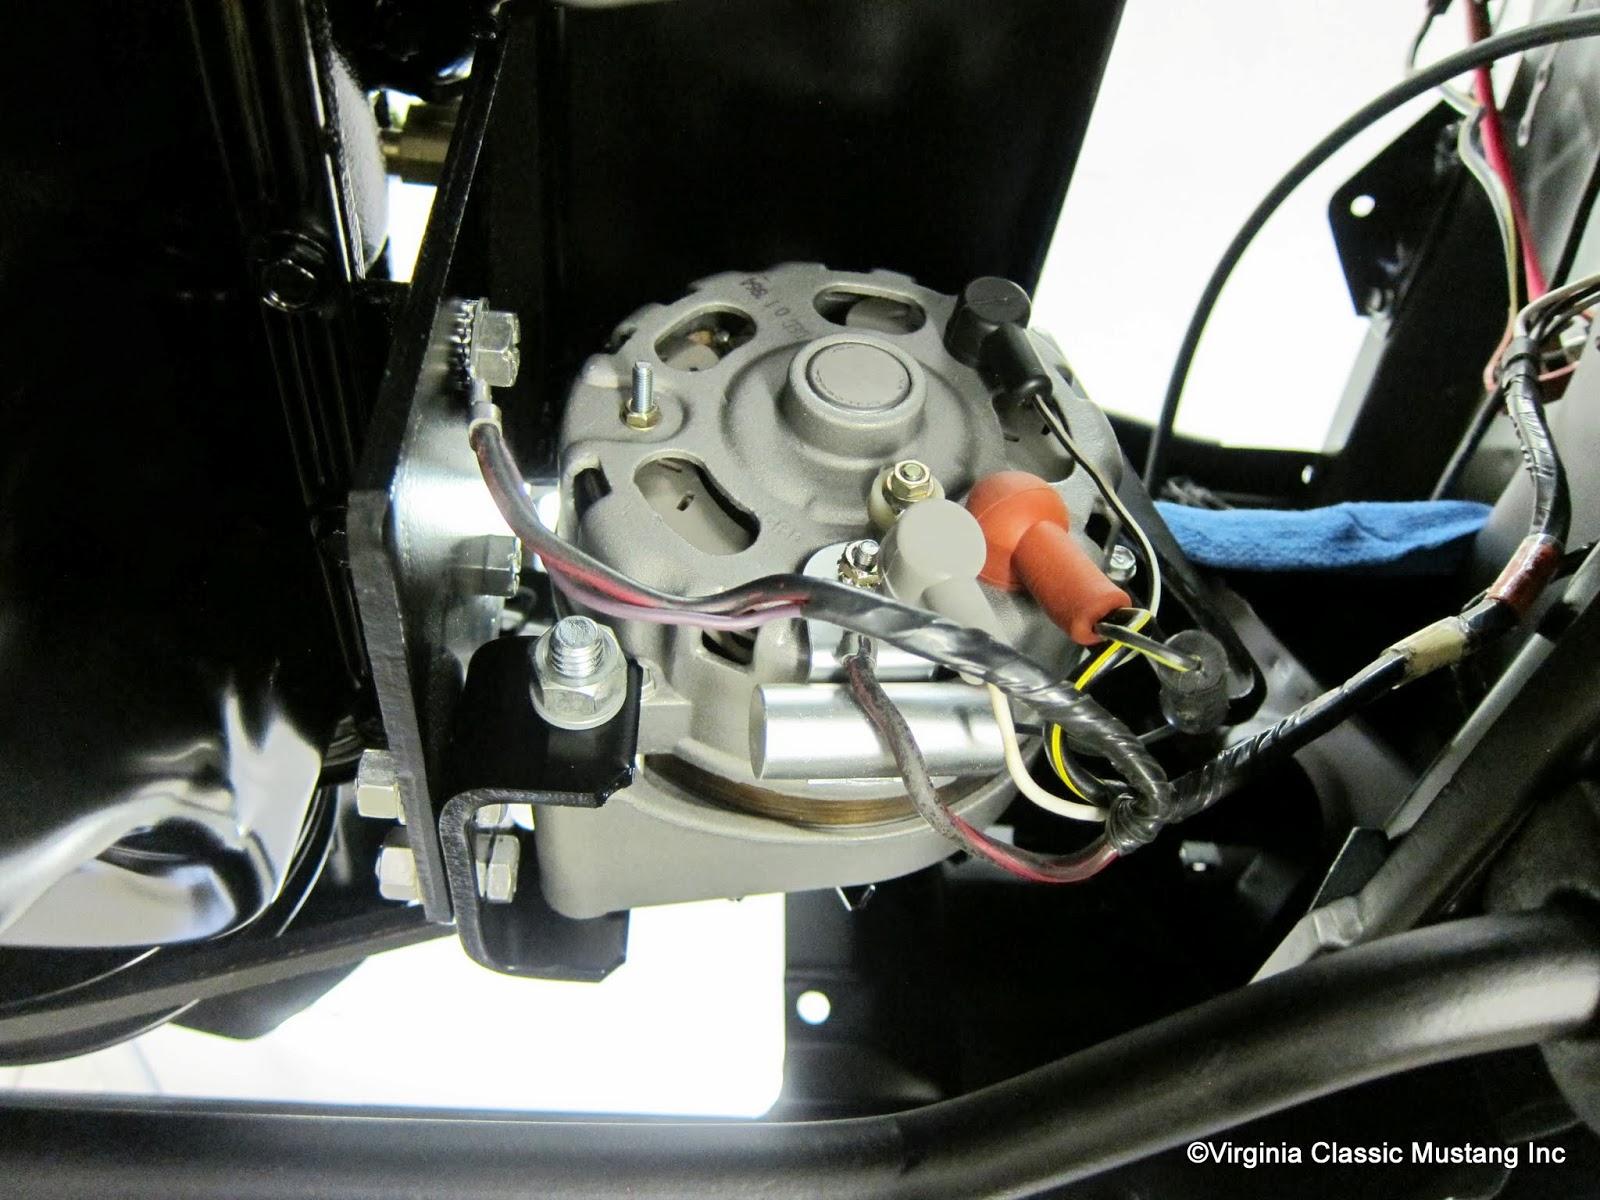 ... 84 Mustang Alternator Wiring Diagram - Electrical wiring diagrams on  f150 tail light wiring diagram, ...